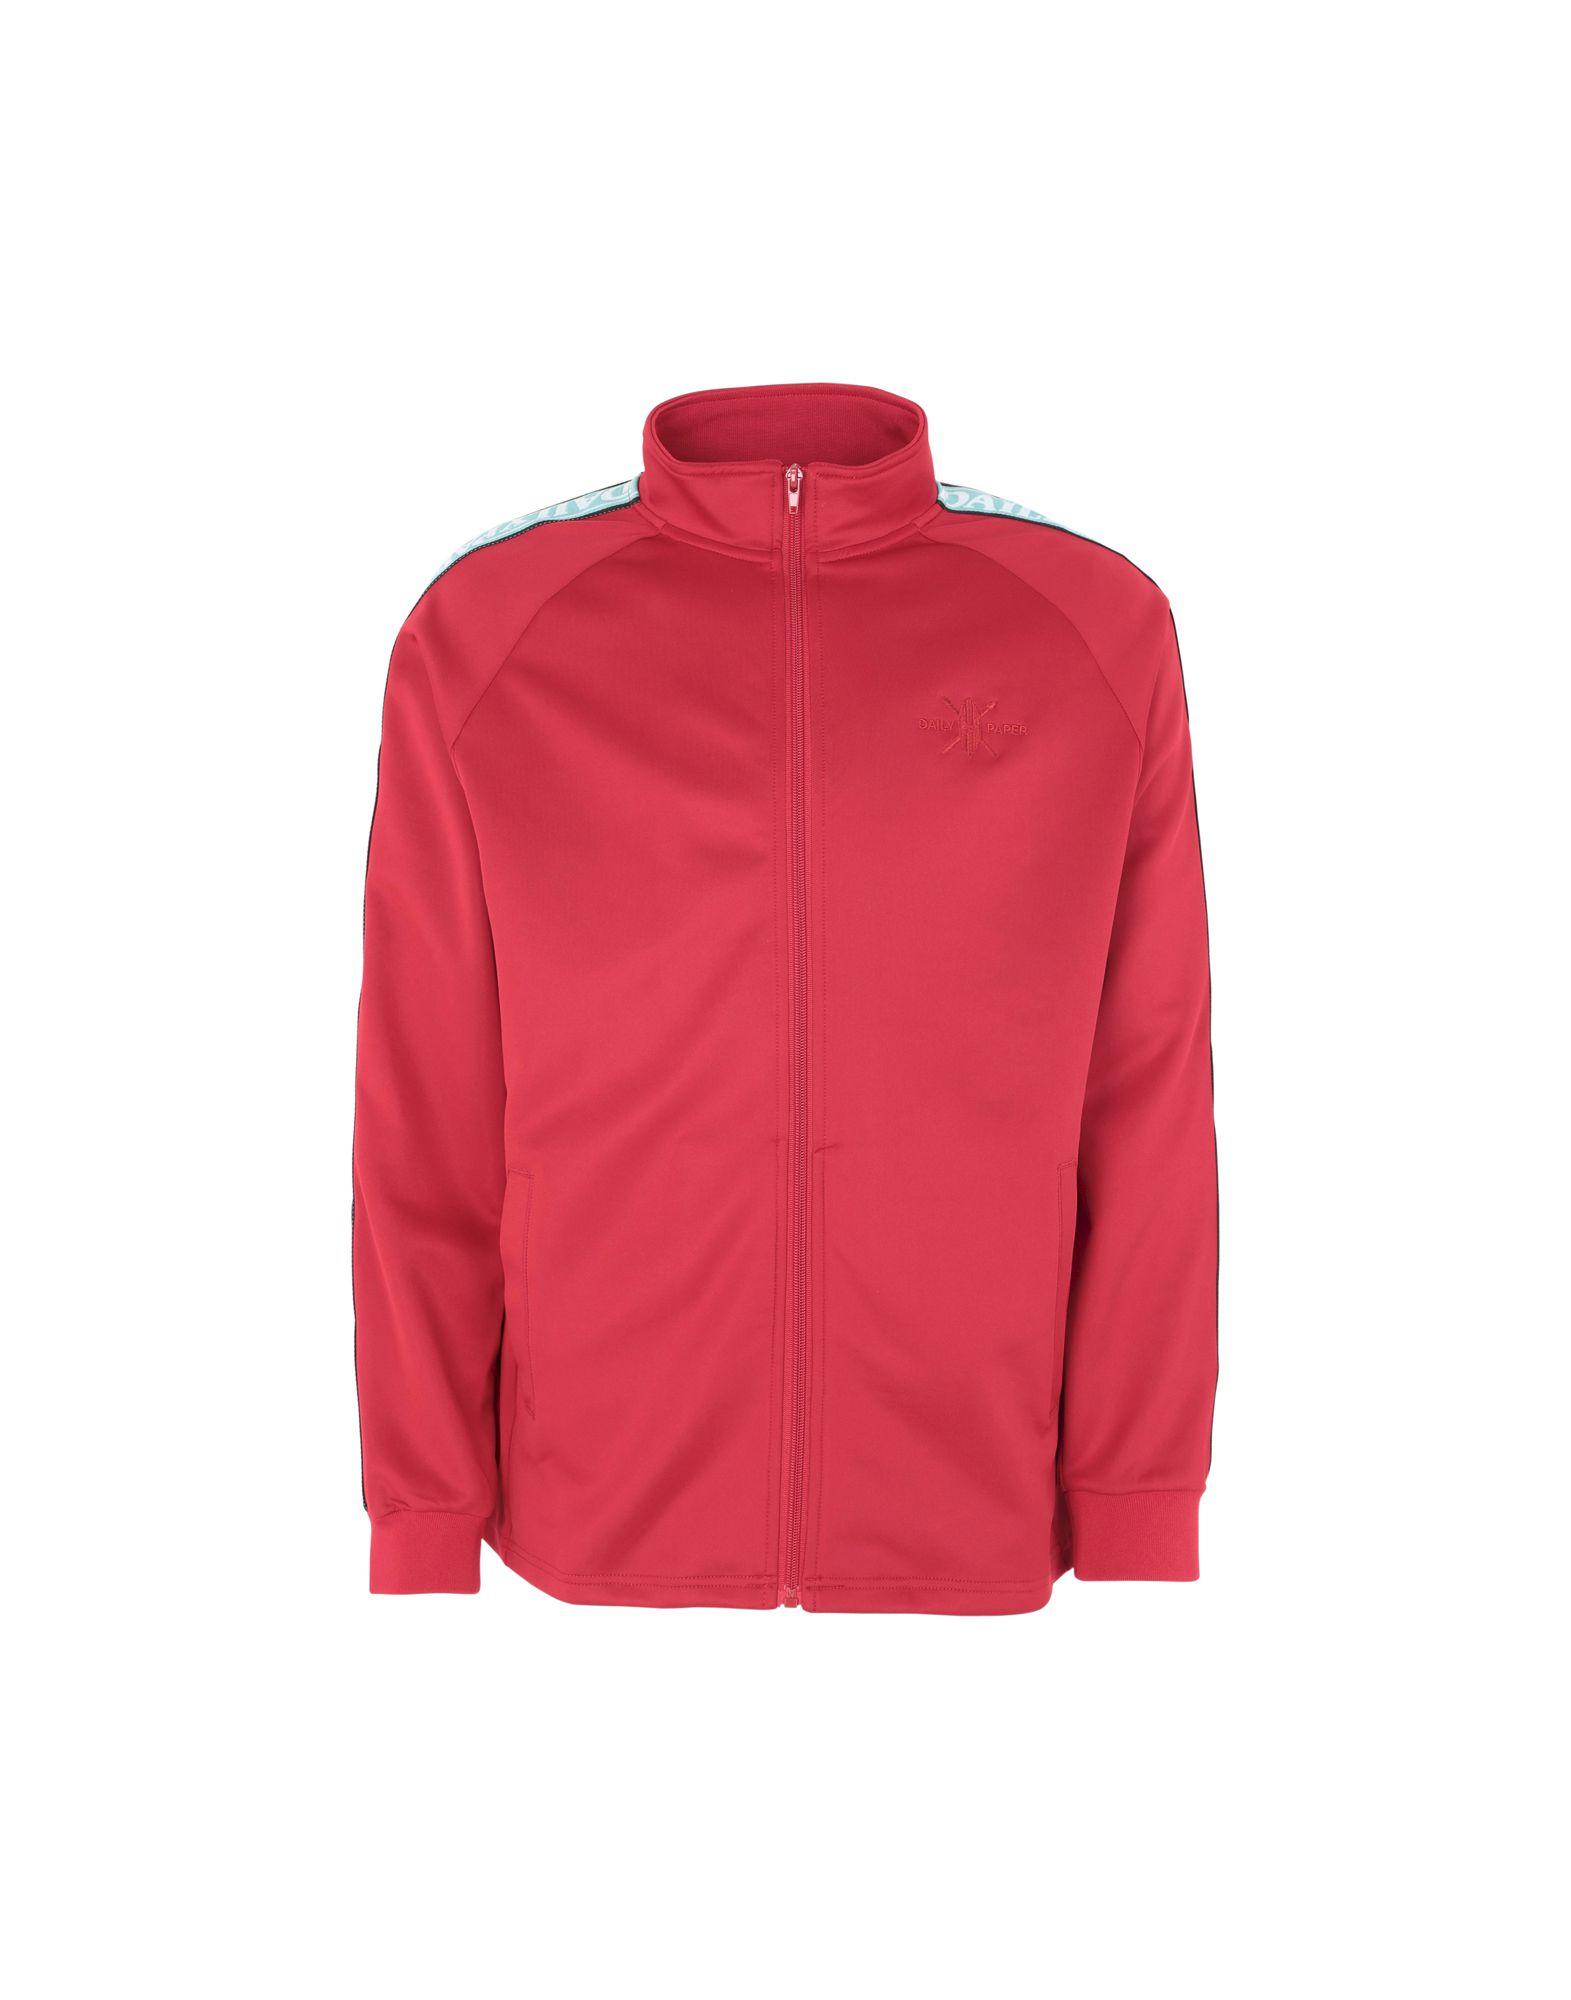 《送料無料》DAILY PAPER メンズ スウェットシャツ レッド S ポリエステル 95% / ポリウレタン 5% DAPEVEST